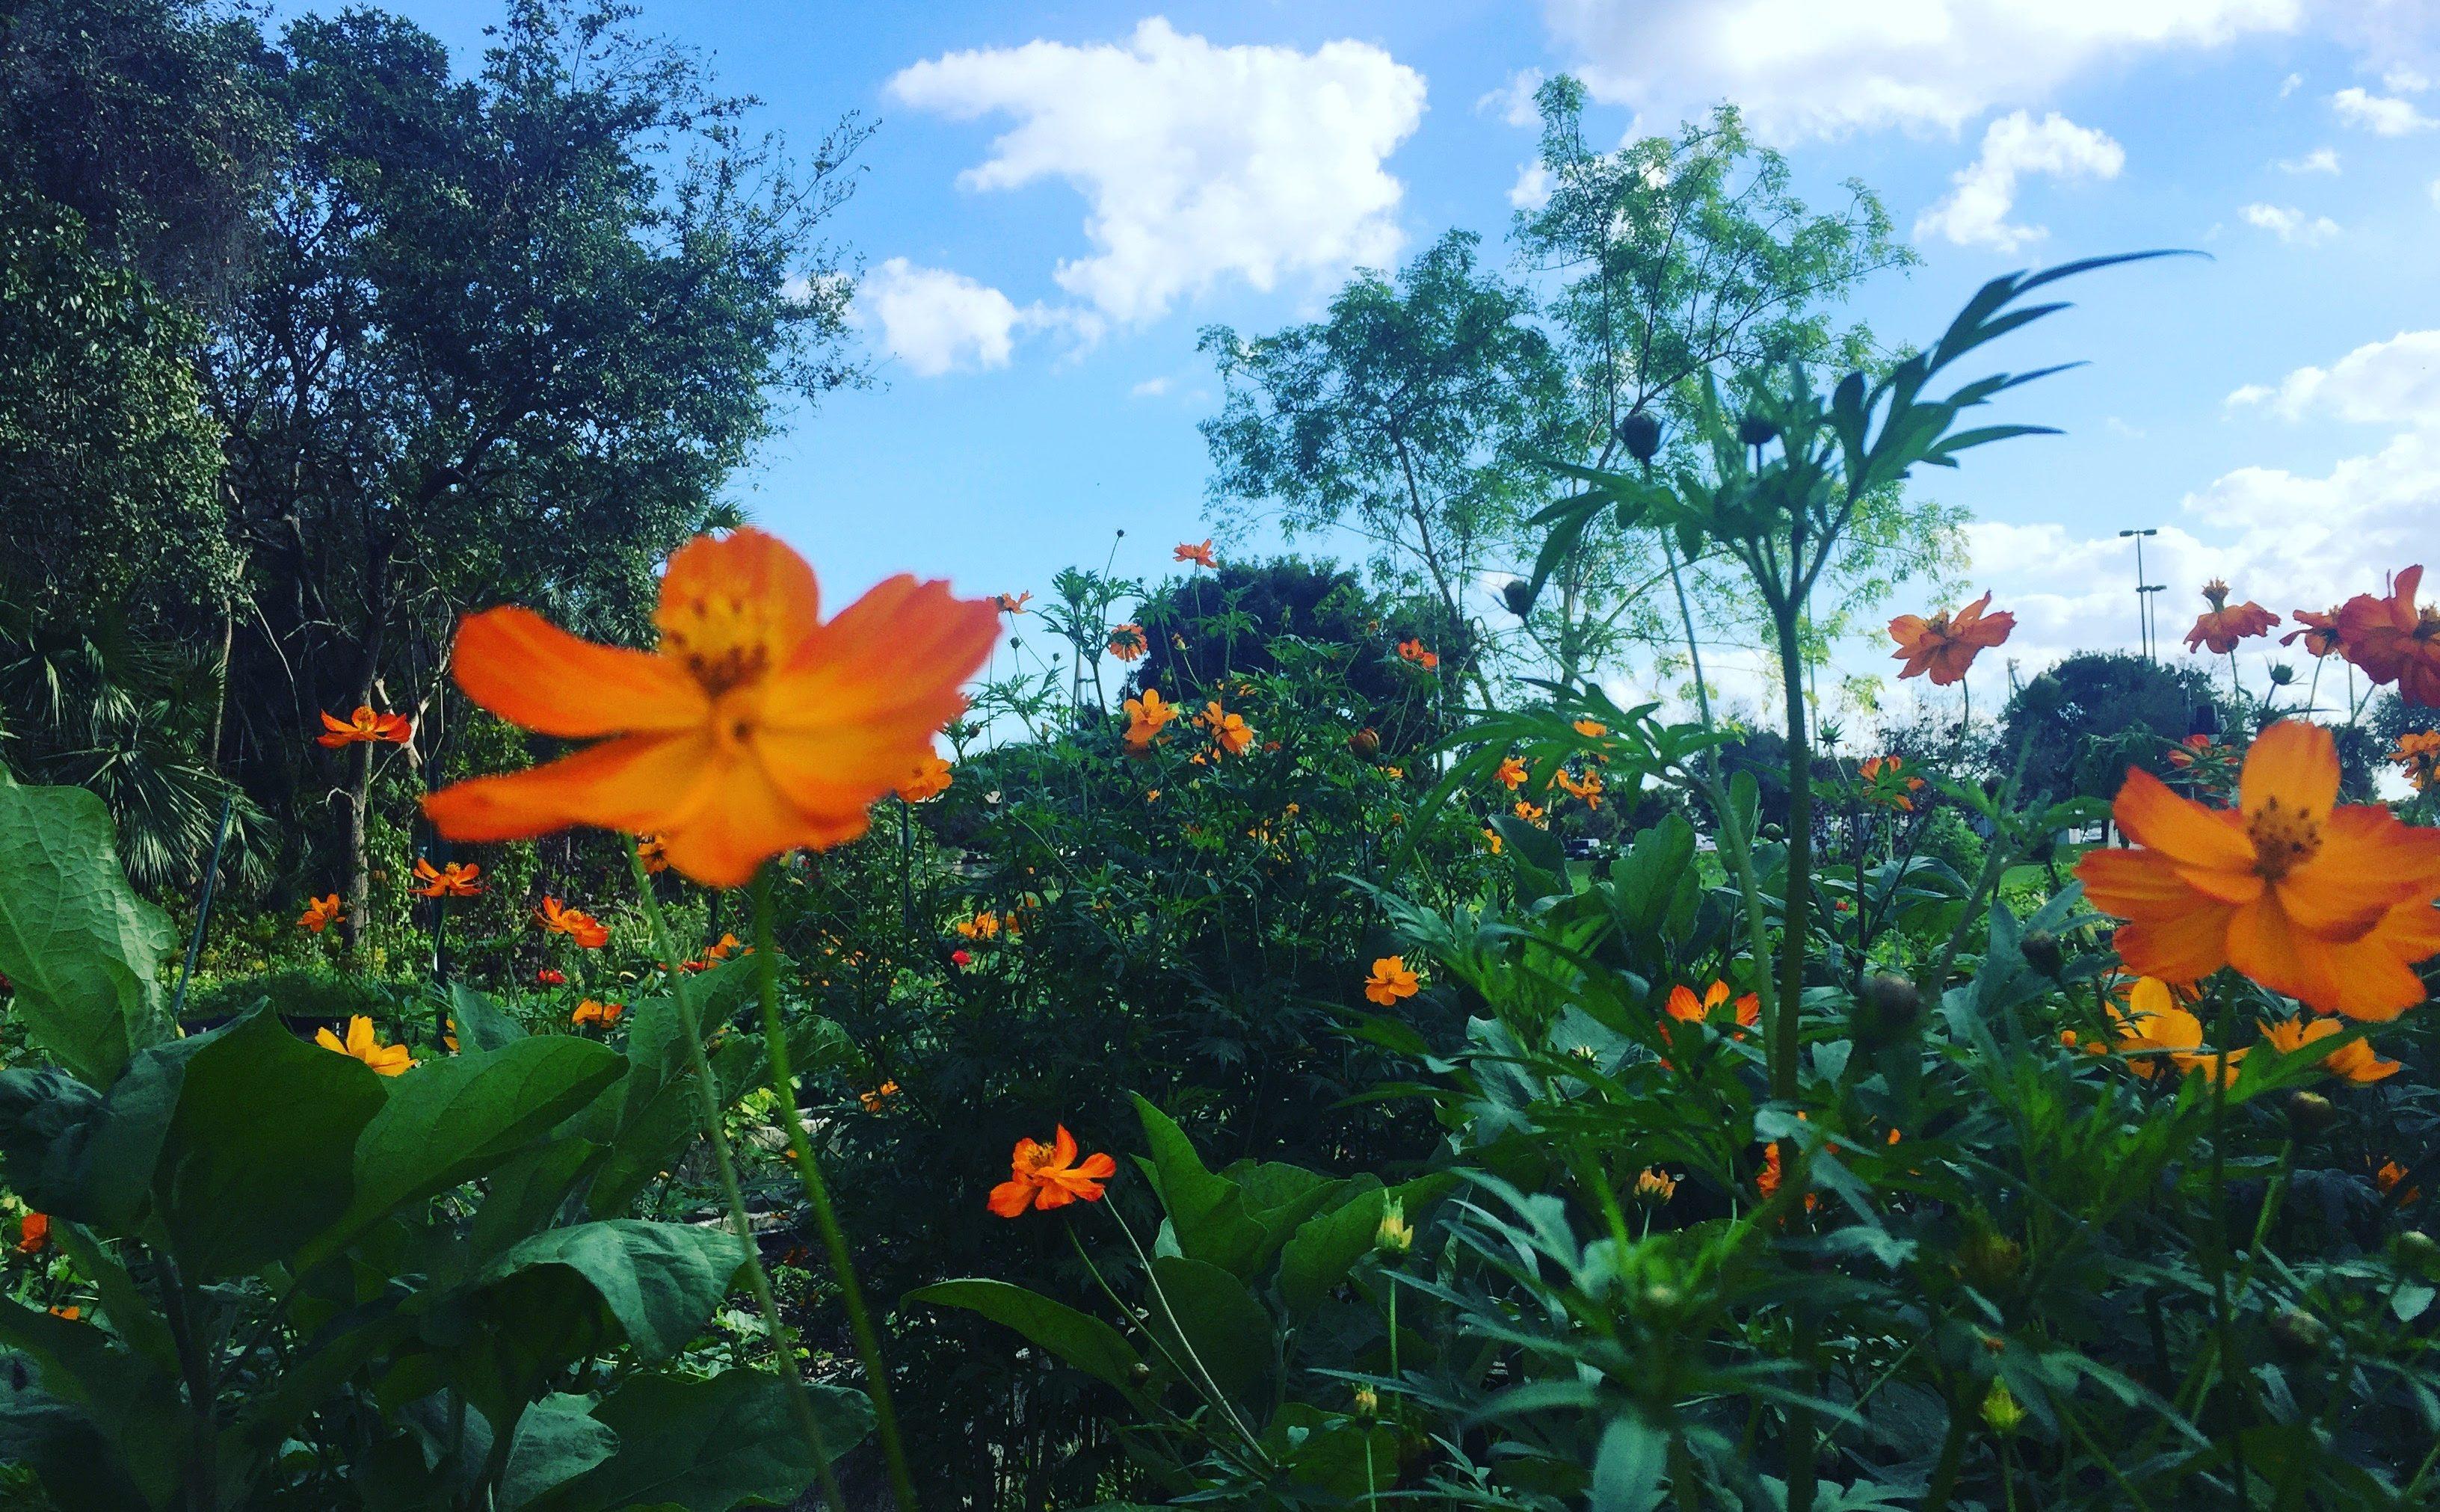 Club de estudiantes, fomenta la pasión por la jardinería - FIU Noticias 1